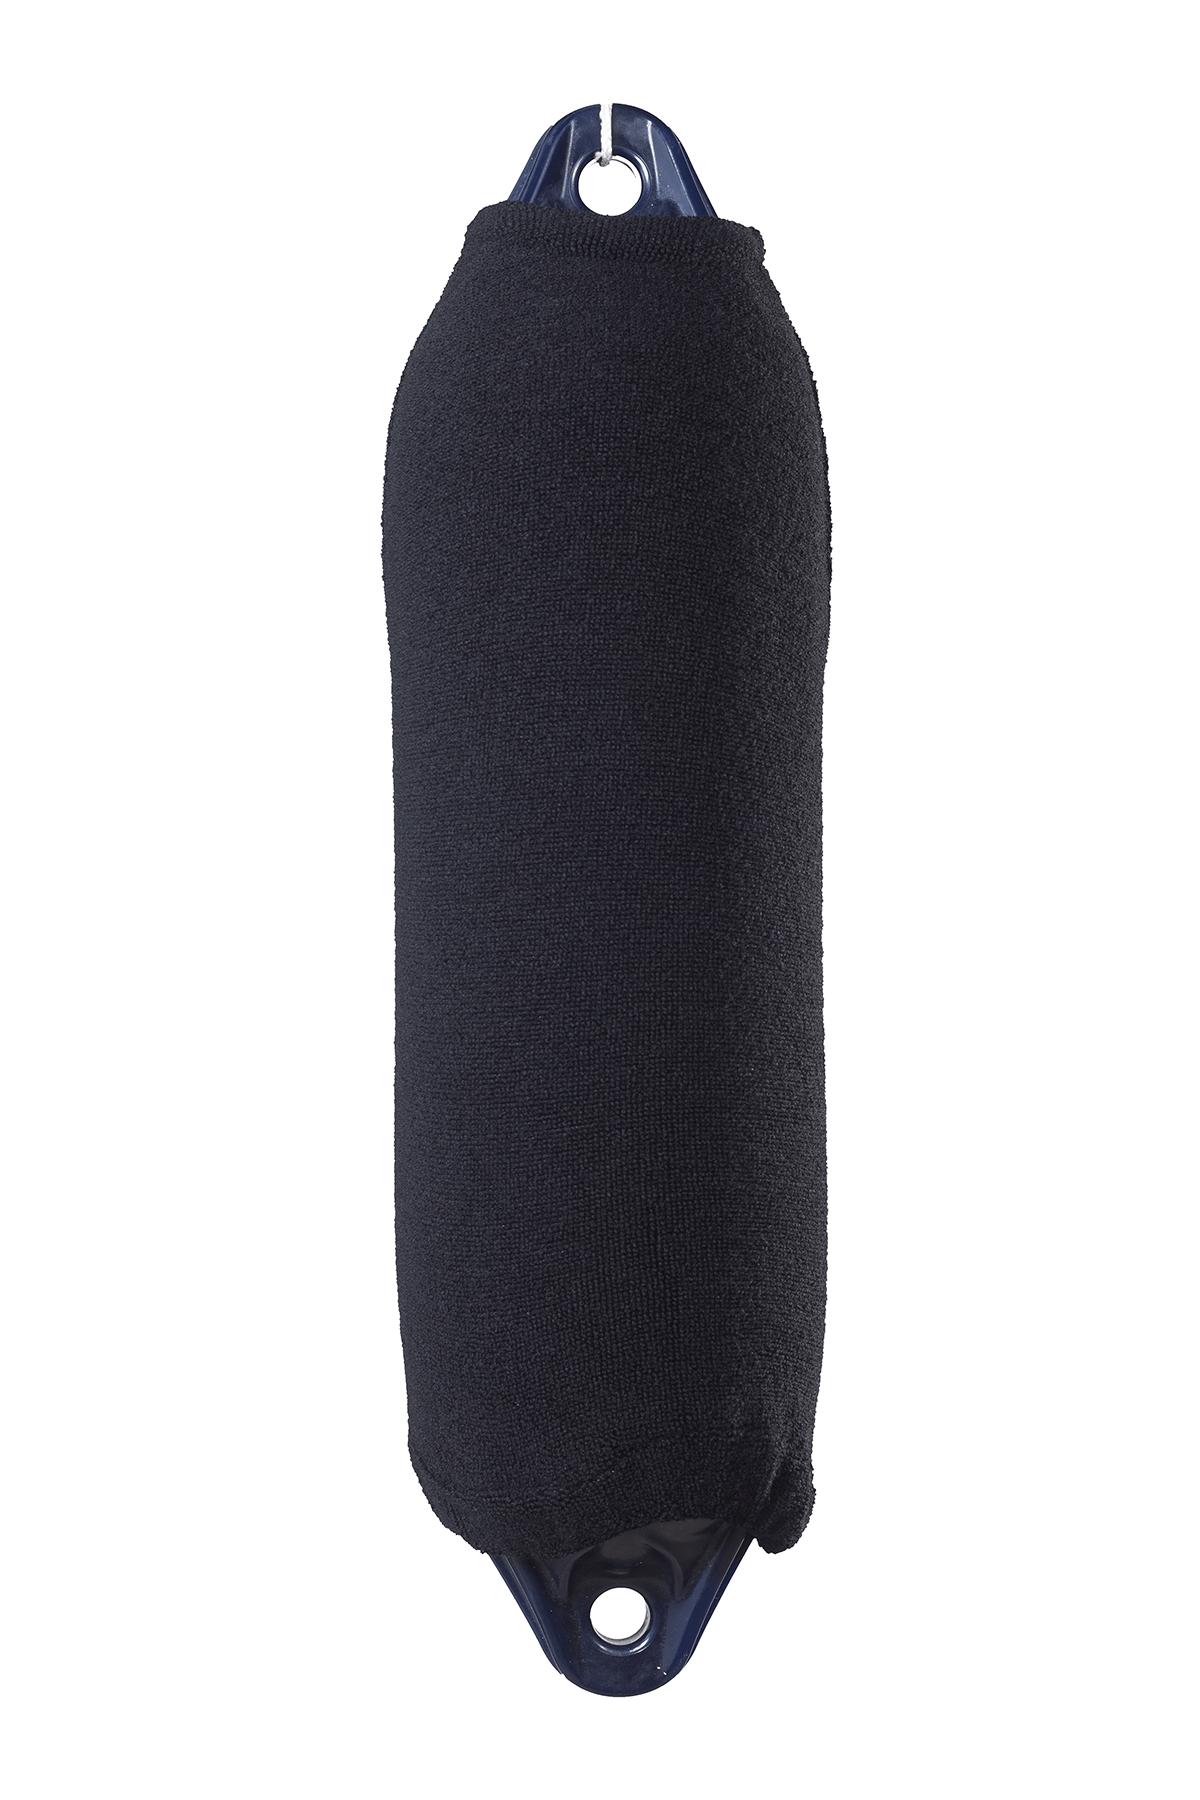 37.68 - Καλύμματα Μακρόστενων Μπαλονιών 76cm Χρώματος Μαύρου - Σετ Των 2 Τεμαχίων